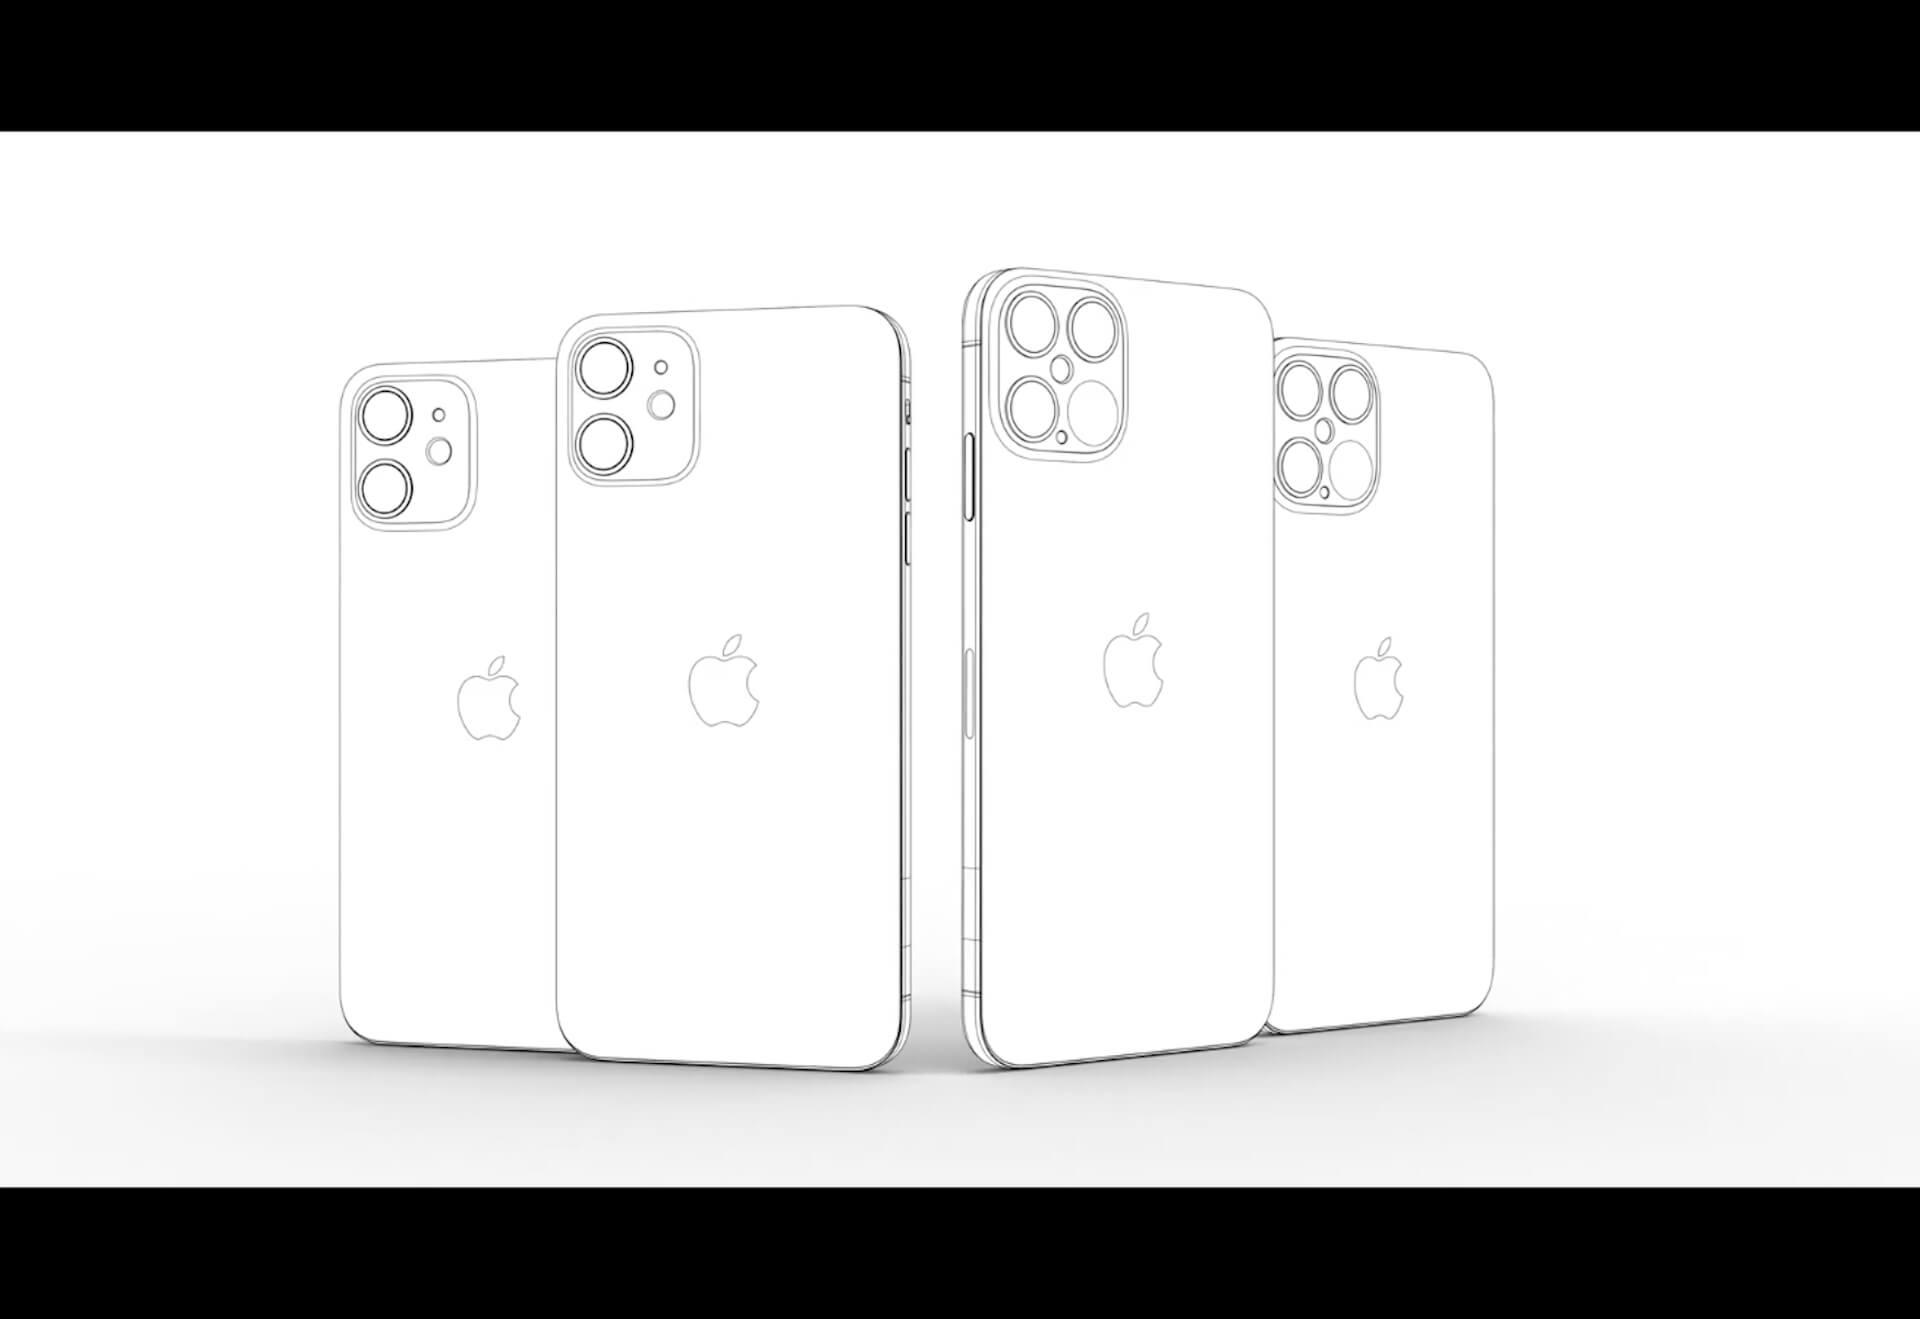 iPhone 12 Proはやはりトリプルレンズ+LiDARスキャナ搭載?iOS 14からリーク tech200407_iphone12_2